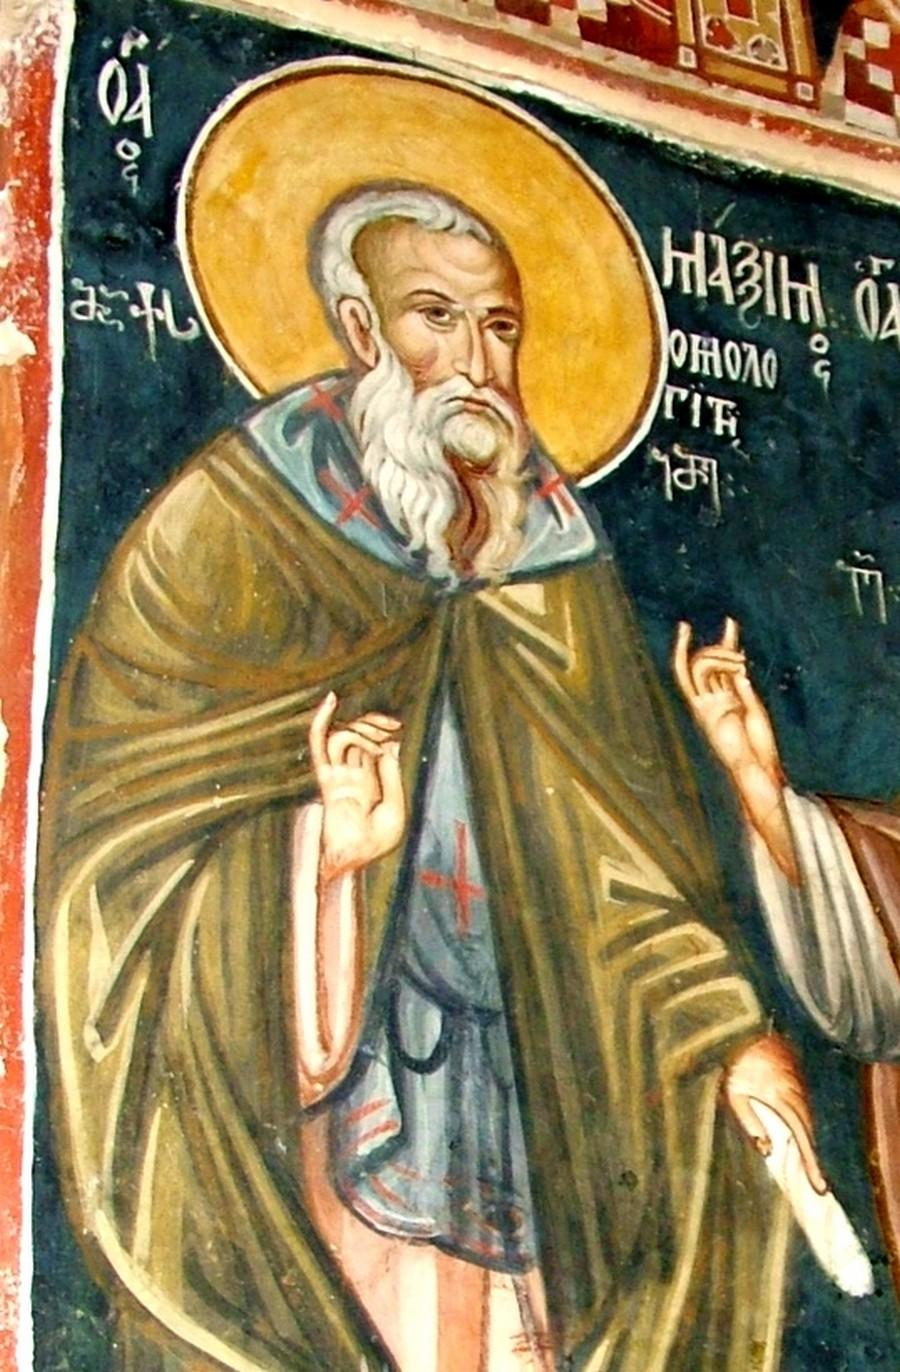 Святой Преподобный Максим Исповедник. Фреска грузинского монастыря Святого Креста в Иерусалиме.